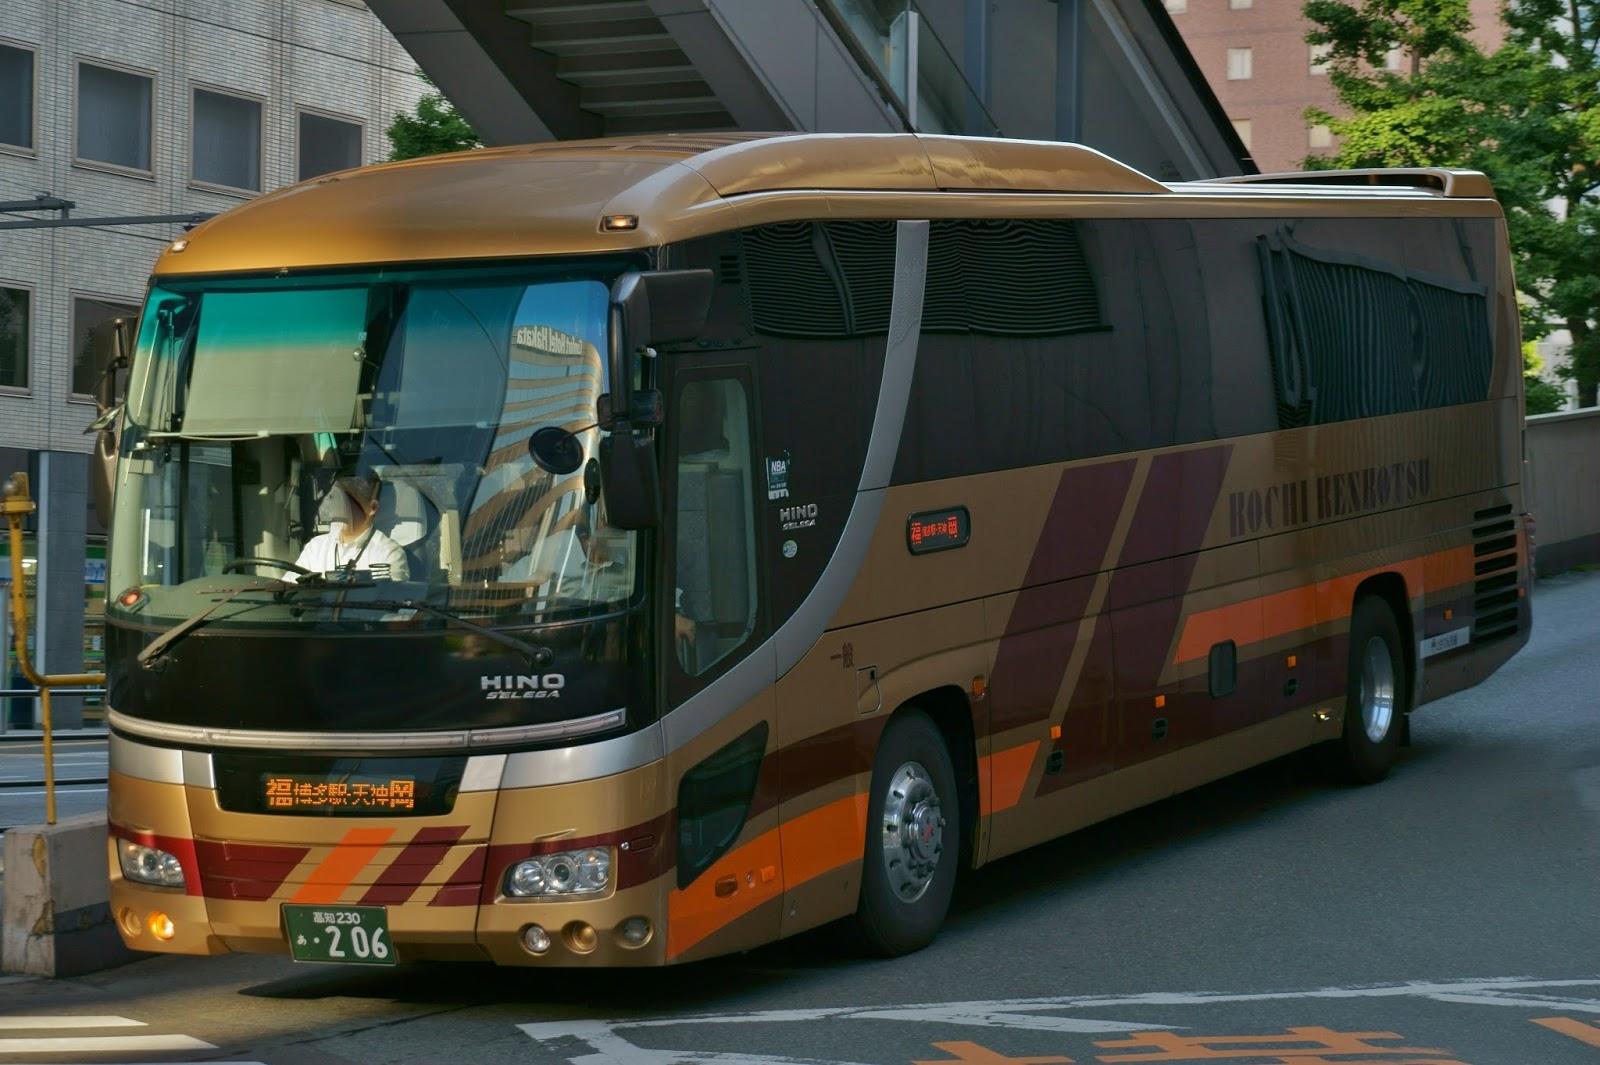 広島のバス: とさでん交通 高知230あ206